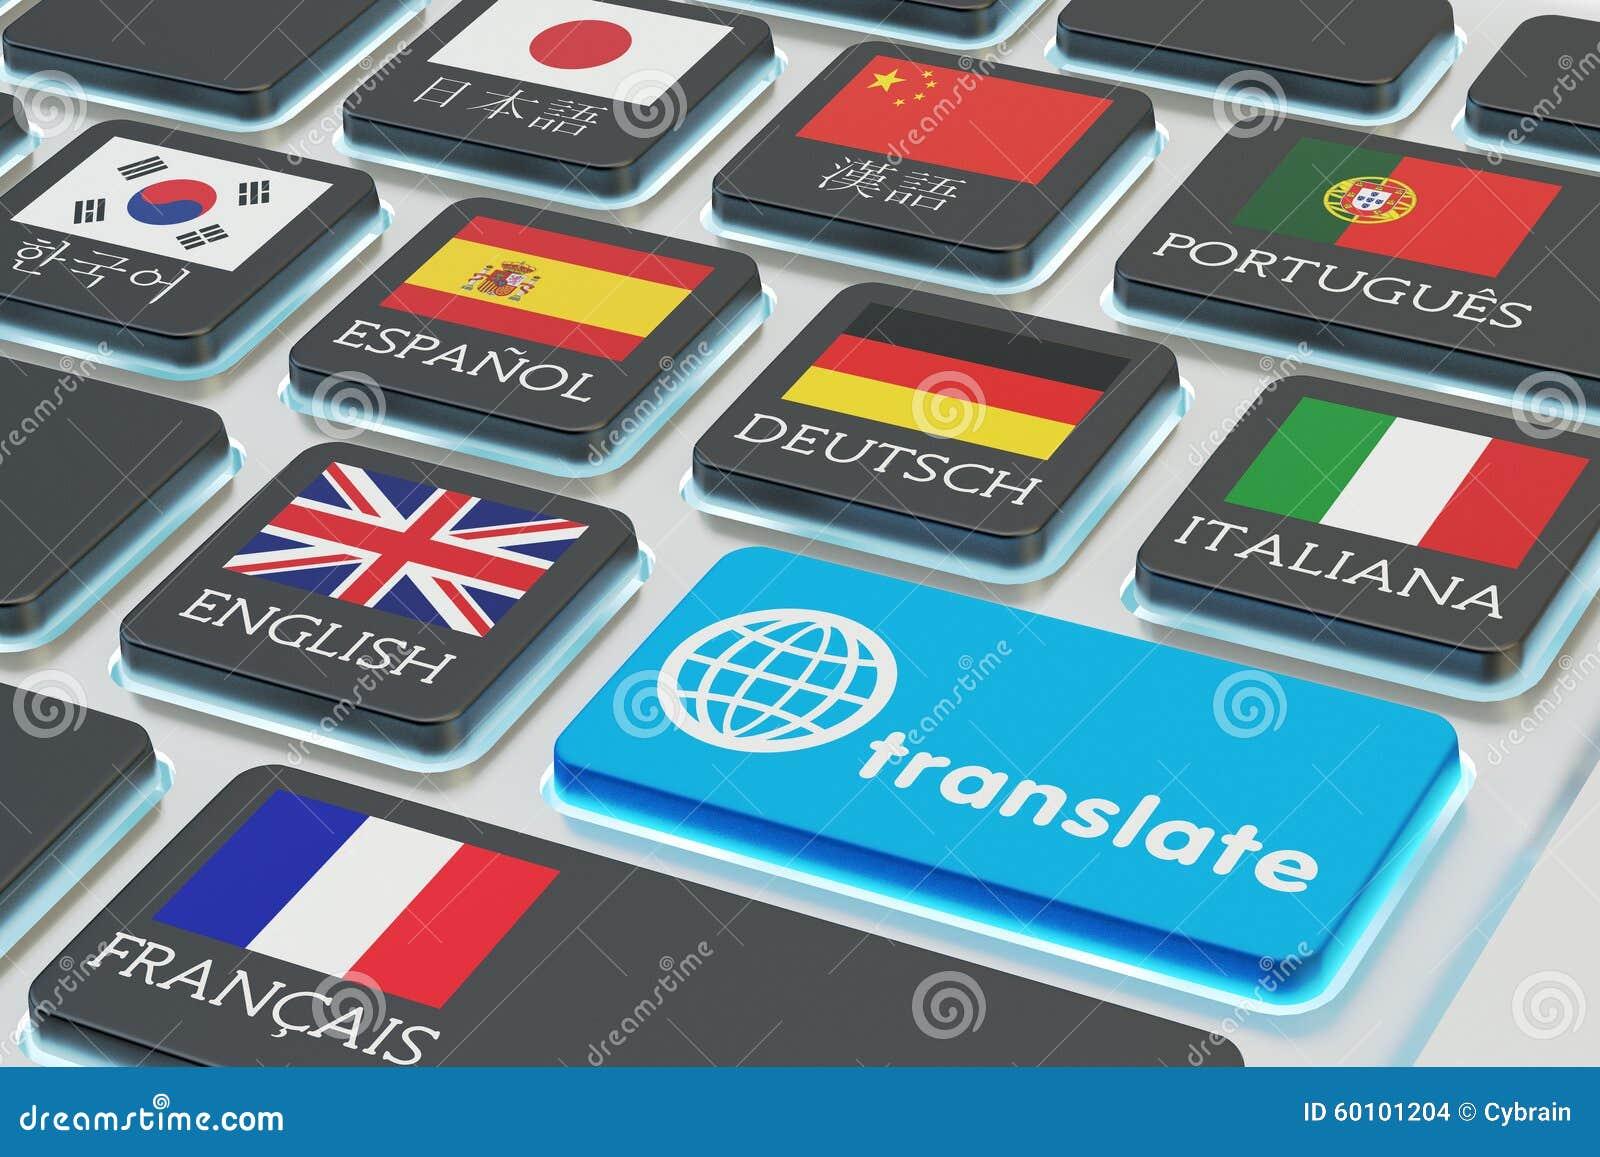 Concepto de la traducción de los idiomas extranjeros, traductor en línea